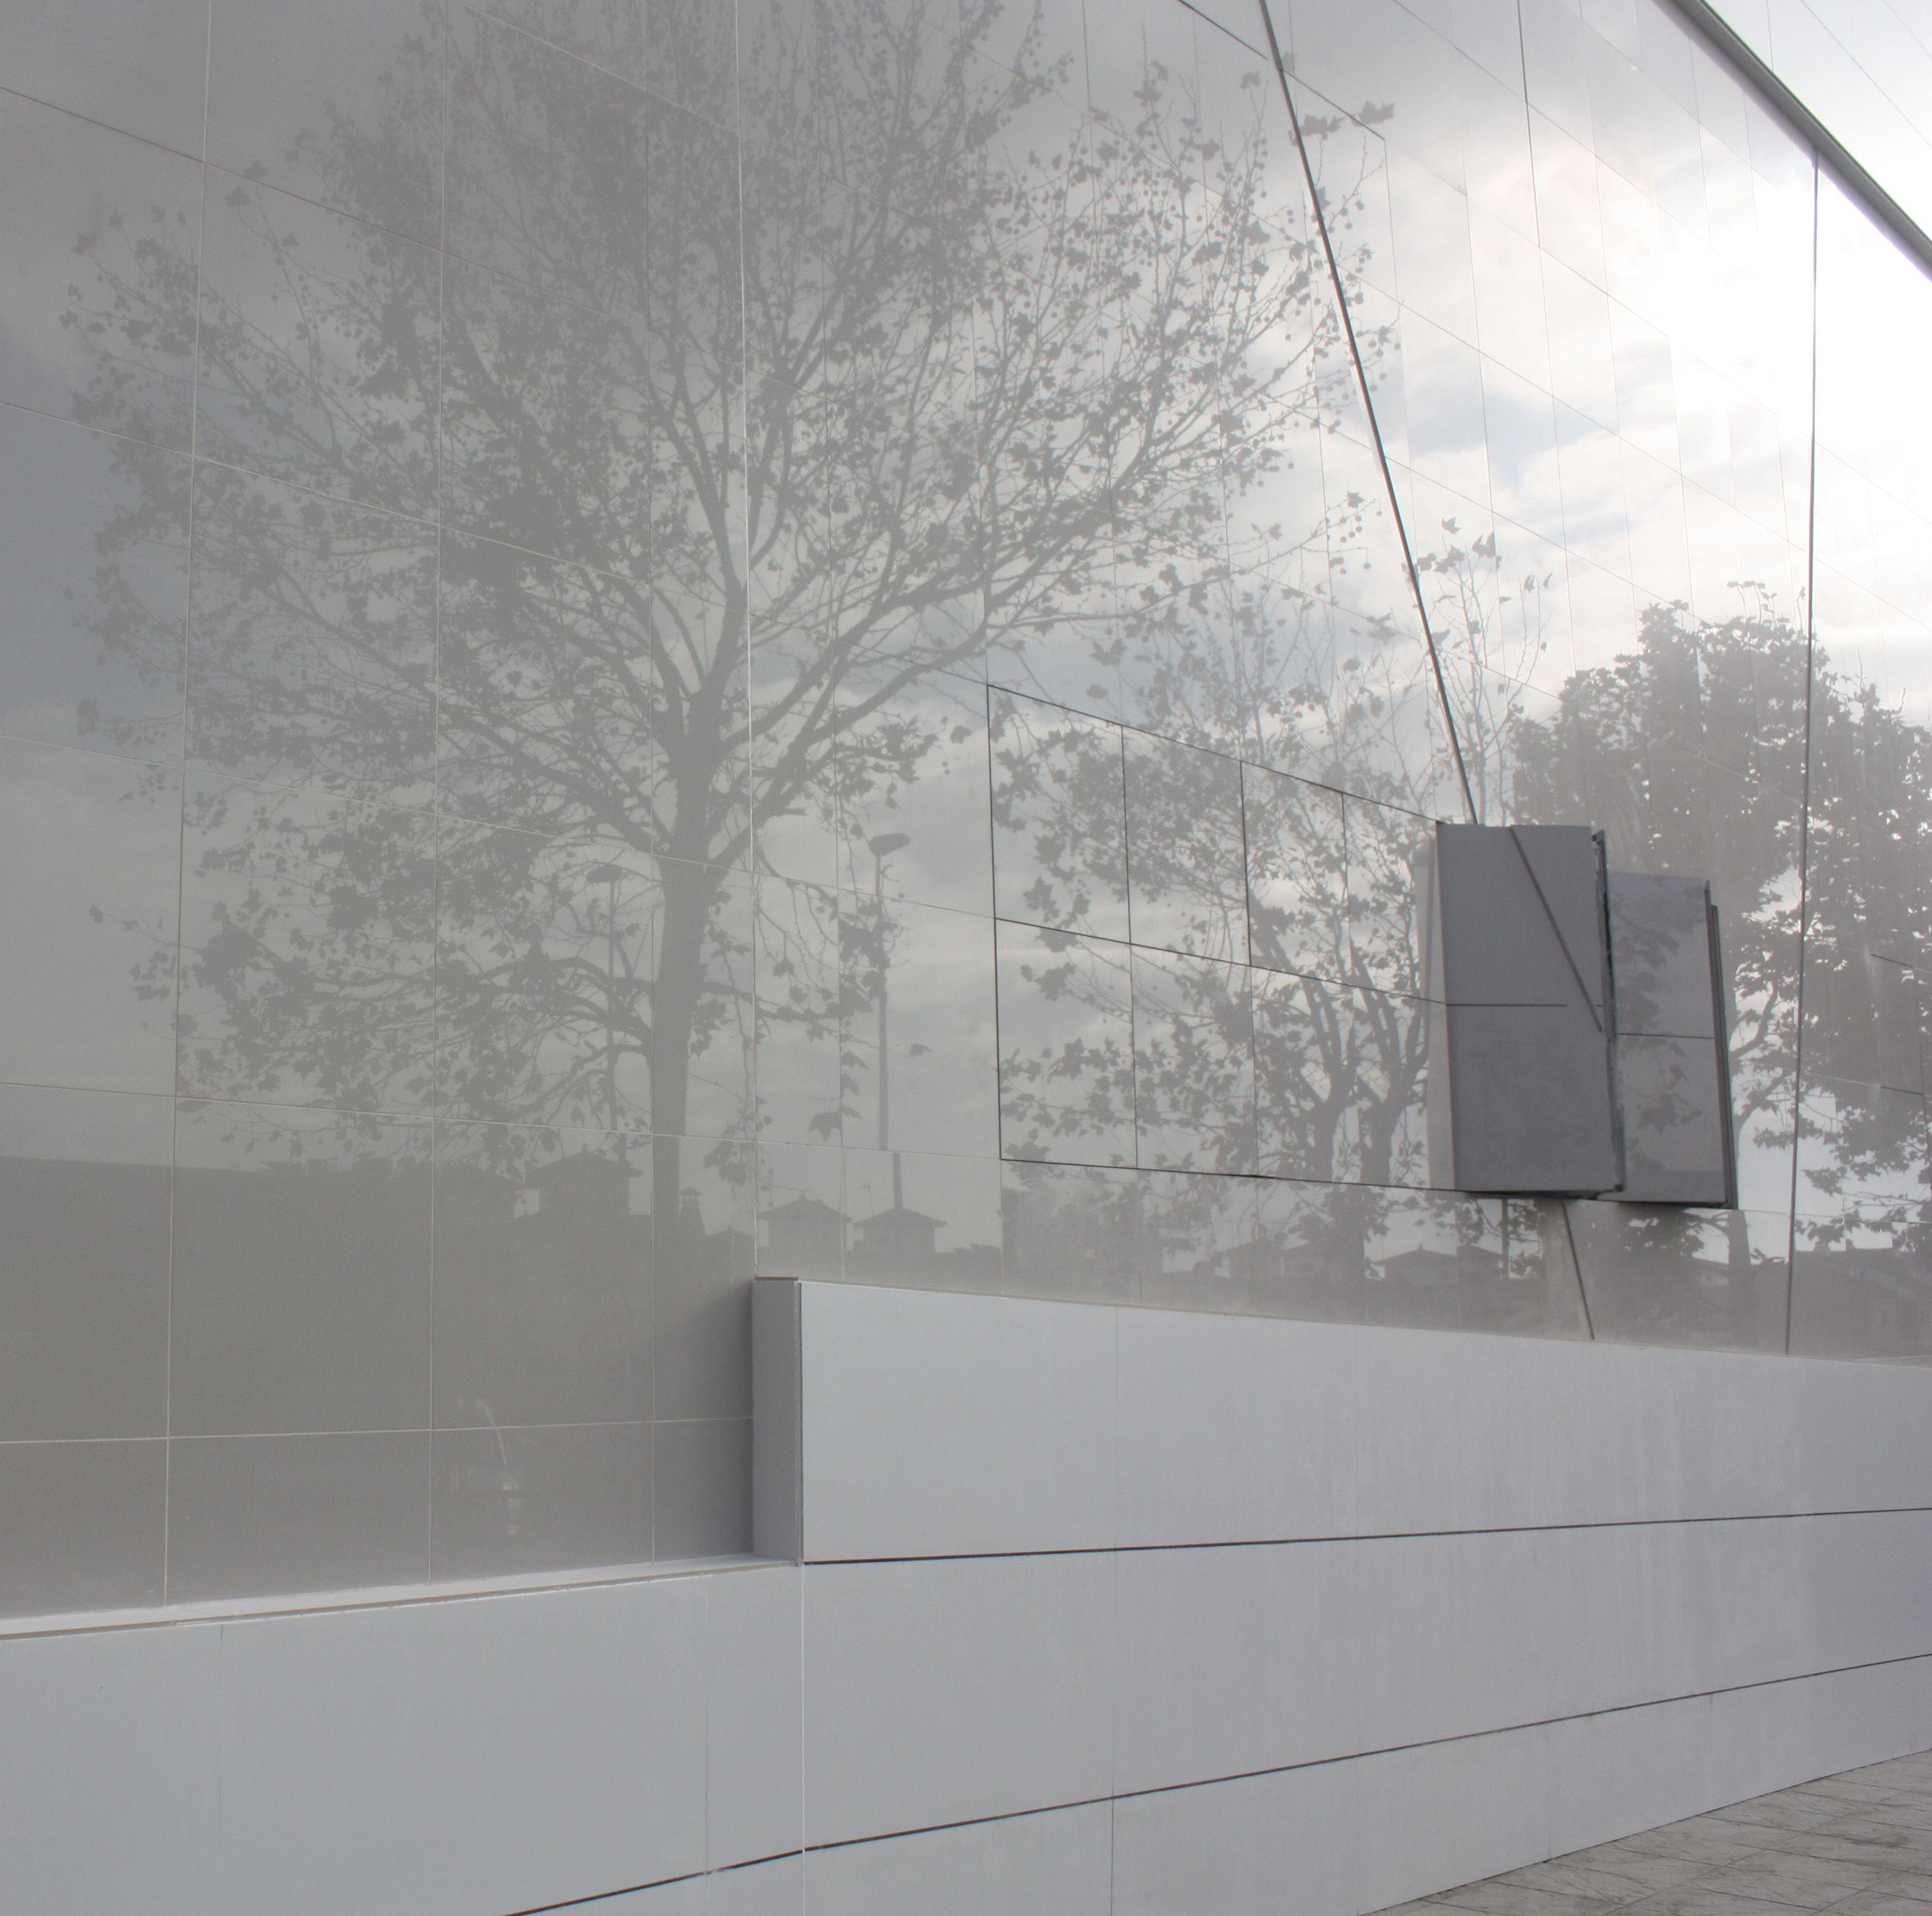 Fachada semiabierta, Residencia para personas discapacitadas, Frater Huelva. LAR Arquitectura http://laboratoriodearquitectura.es/